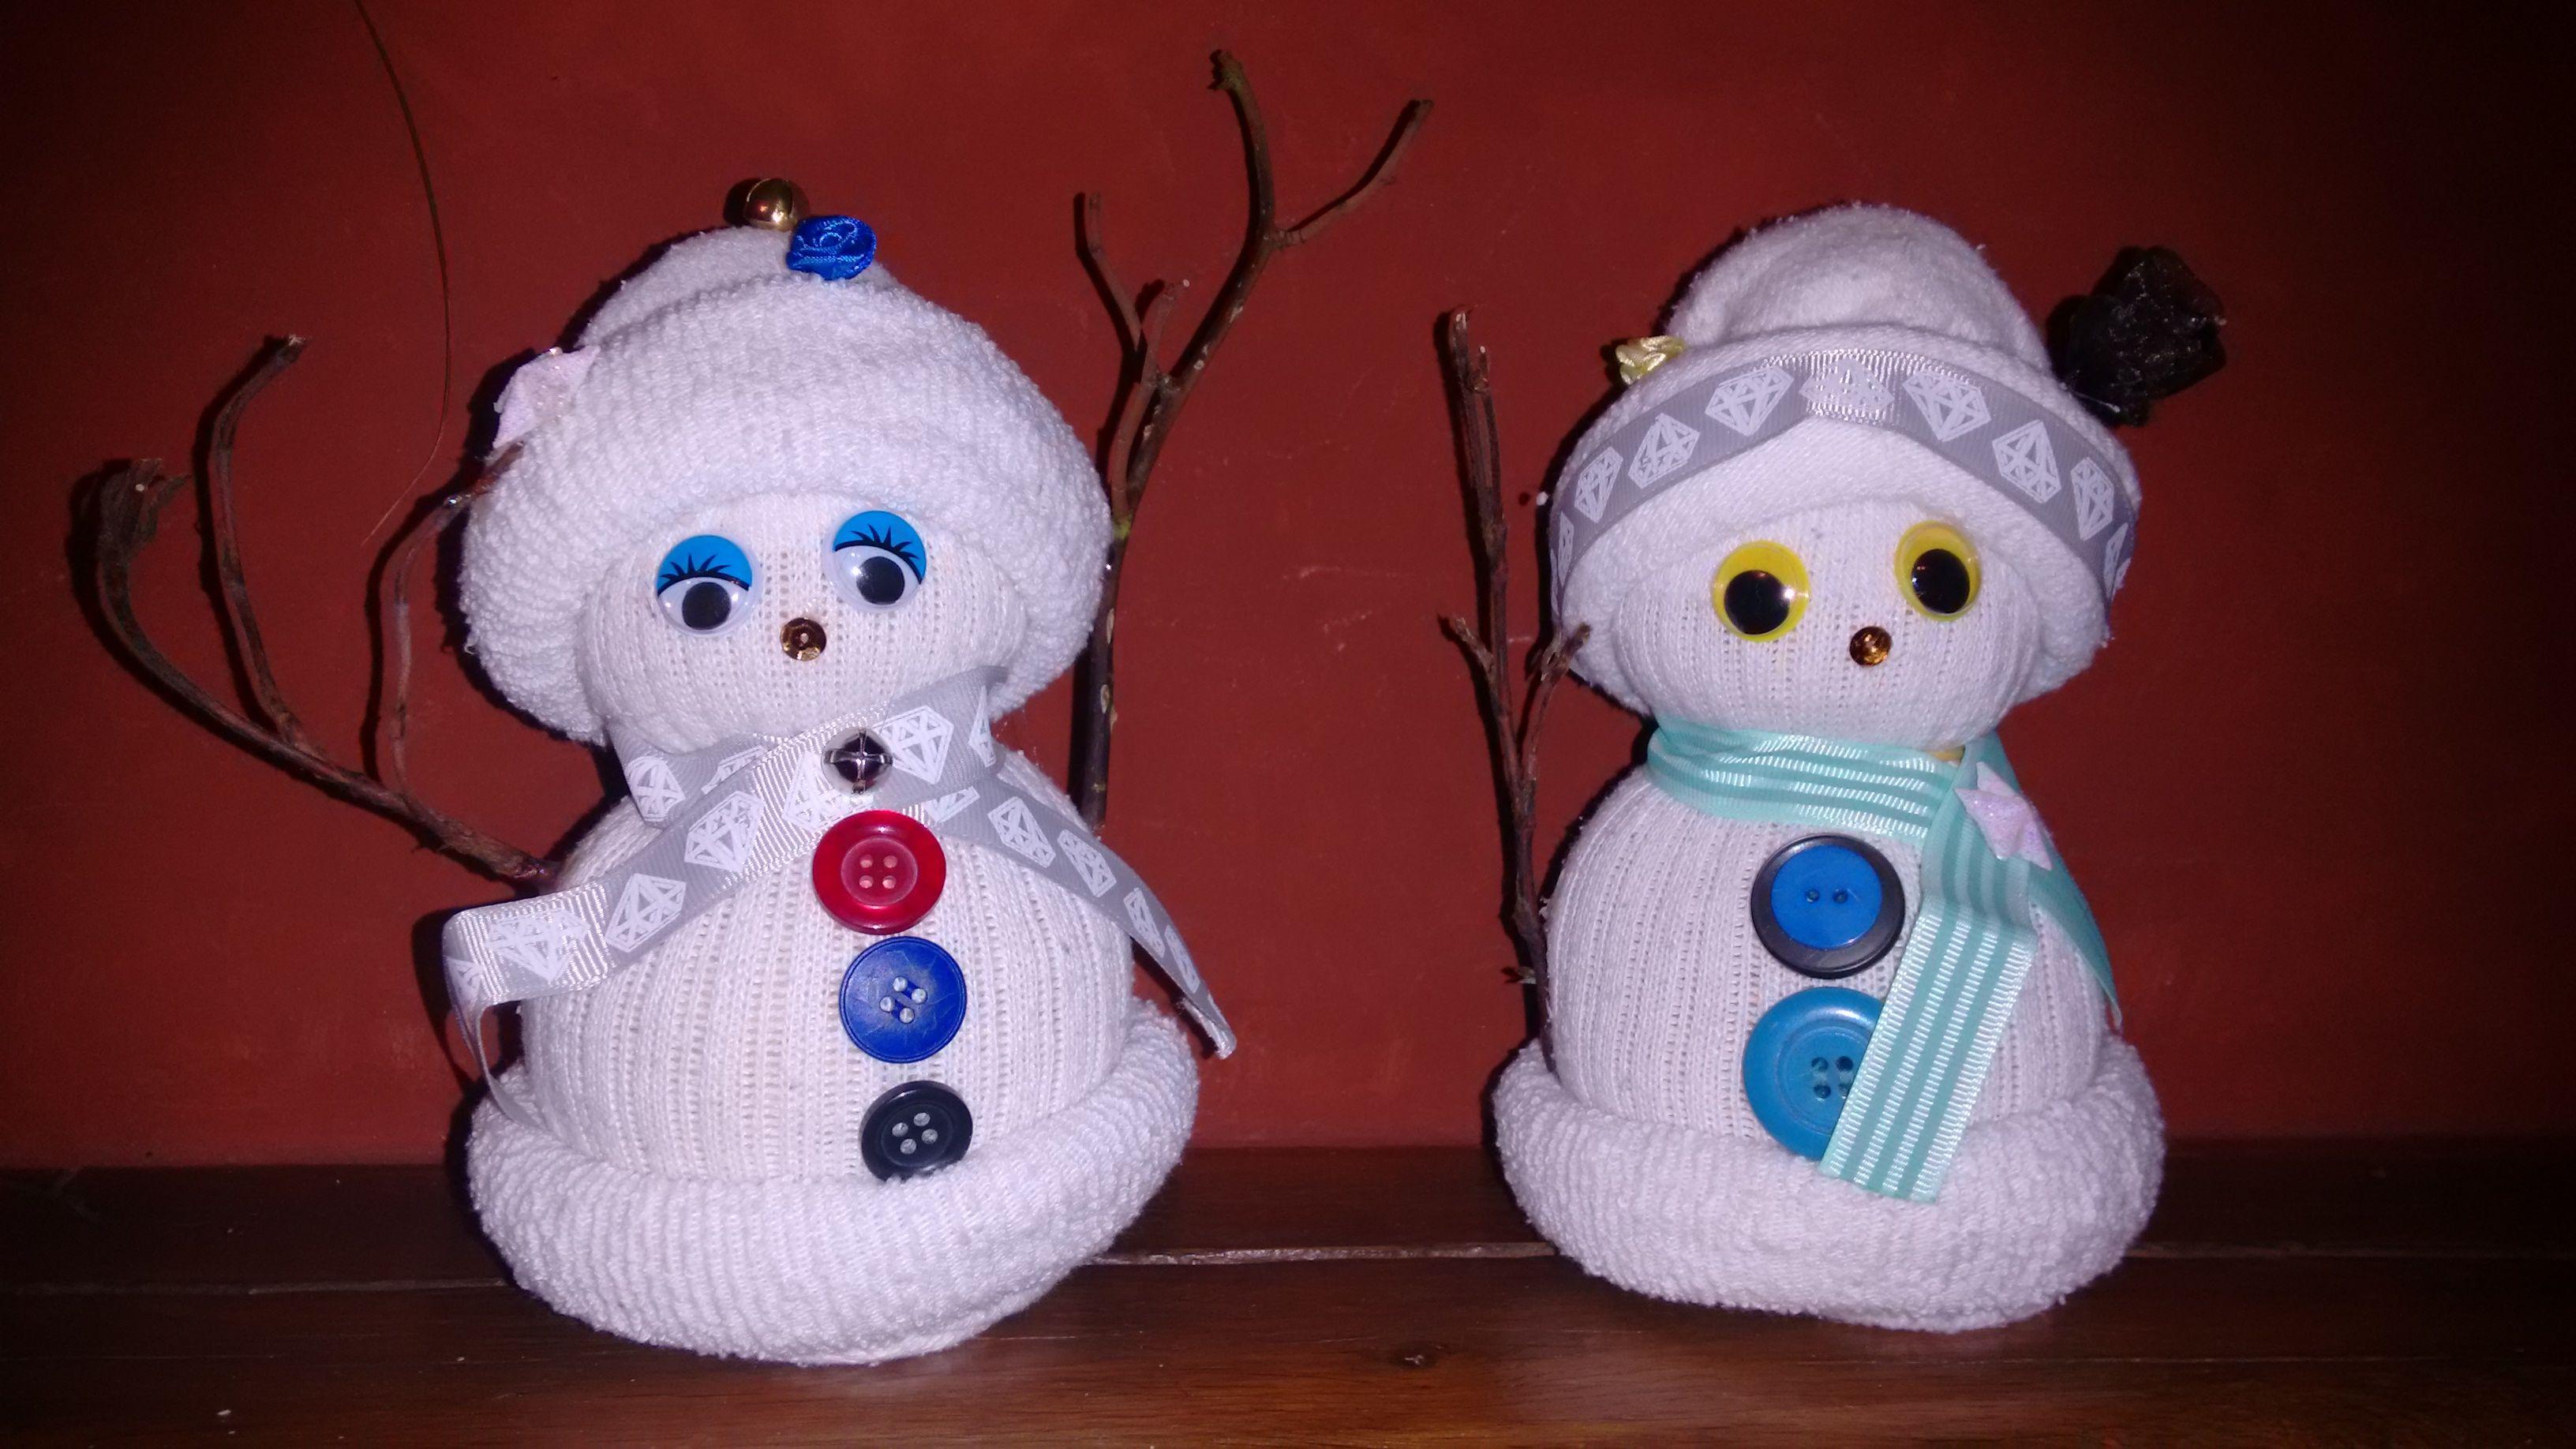 Activité Manuelle Noël dedans activité manuelle de noël pour enfant. bonhomme de neige avec